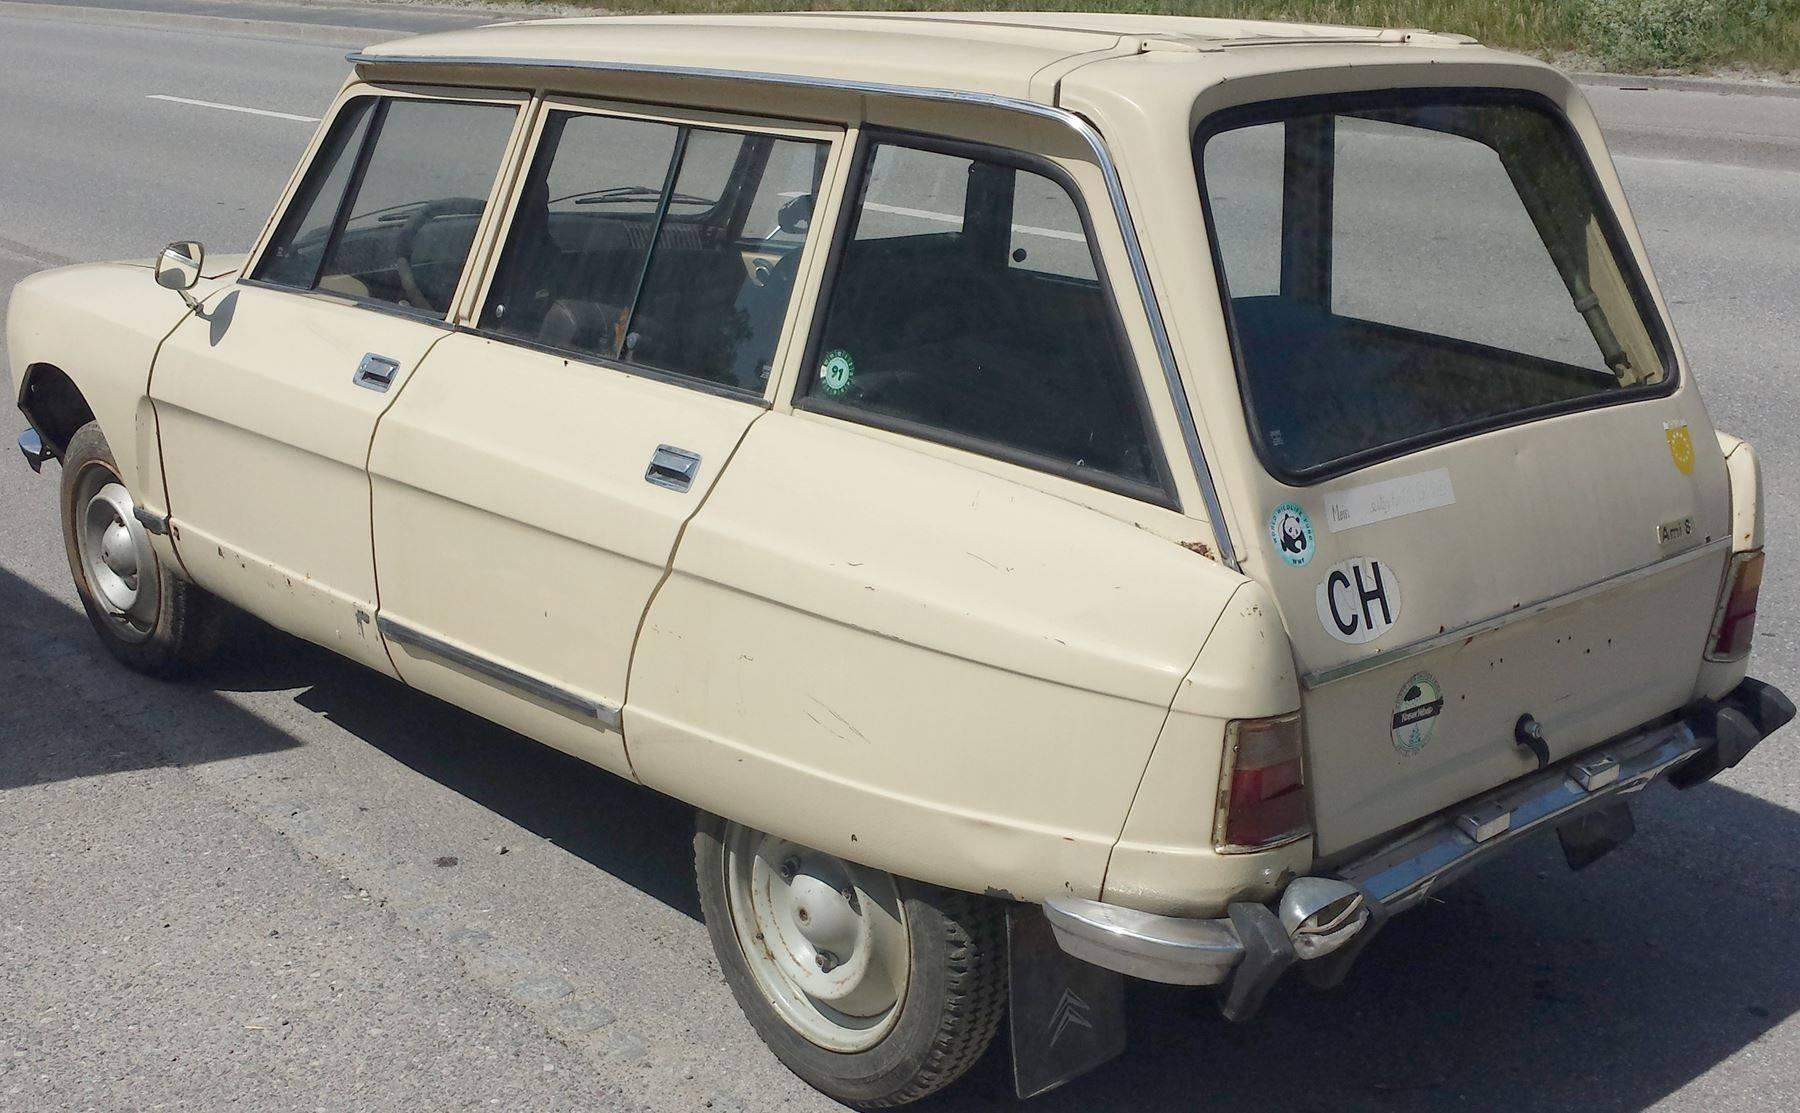 Citroen-ami-8-break-2-cyl-602-cm-35-ch-1976-2